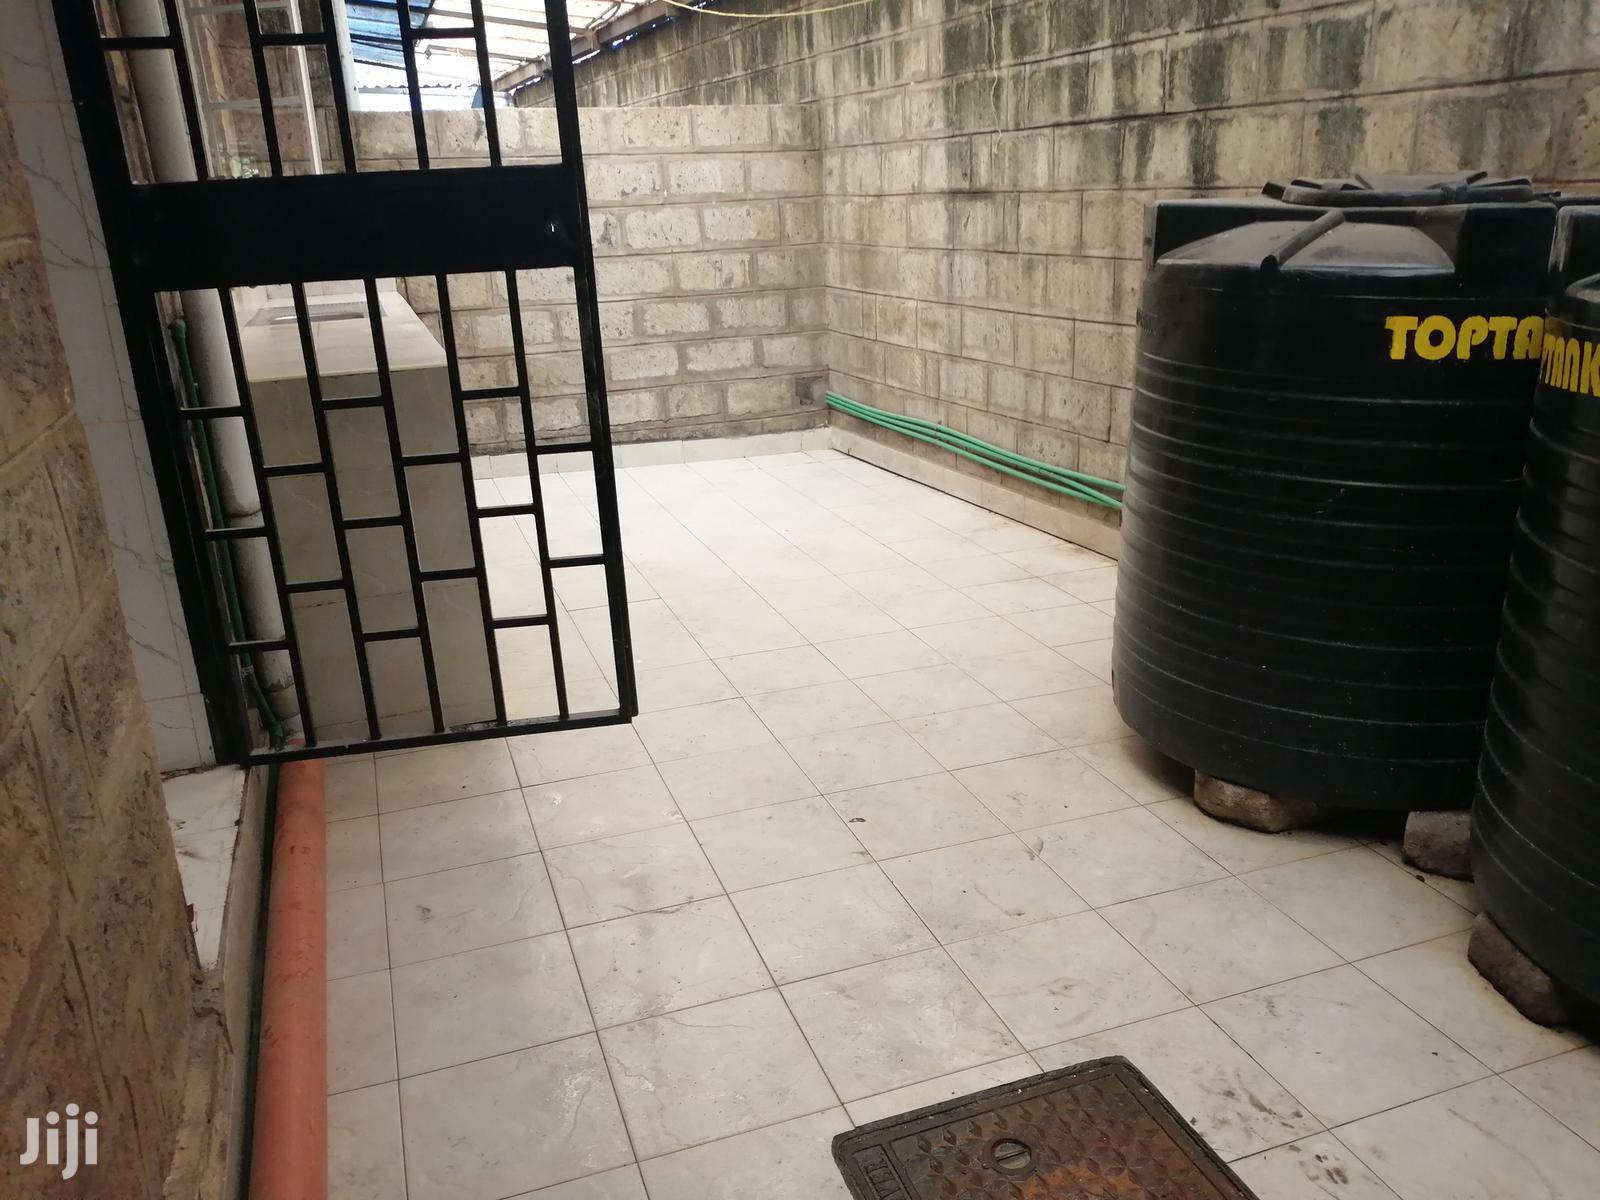 3 Bedroom Masionette In Parklands For Rental | Houses & Apartments For Rent for sale in Parklands/Highridge, Nairobi, Kenya